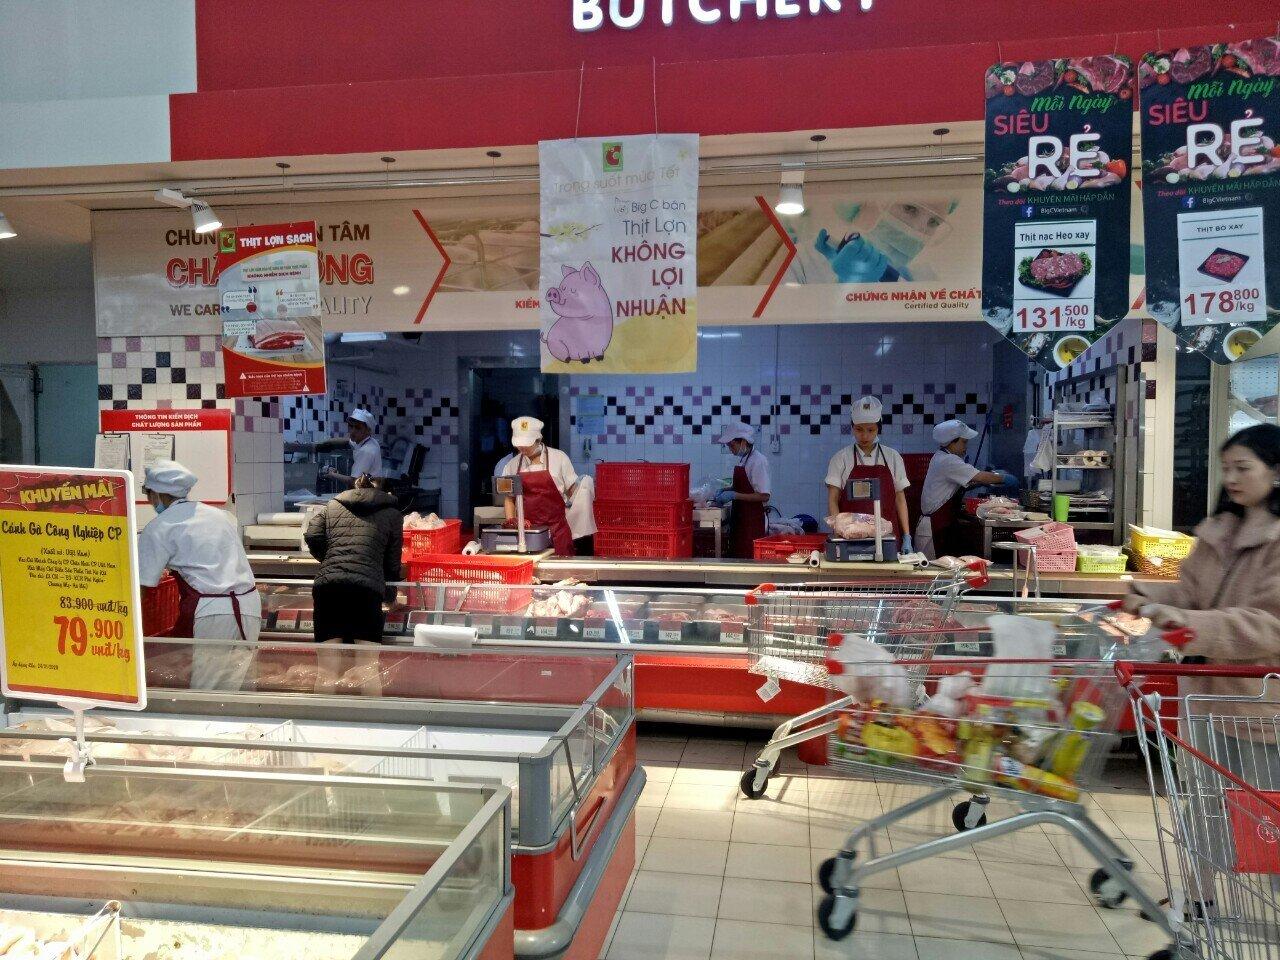 Thịt lợn nhập khẩu giá 30.000-.35.000 đồng/kg đang bán ở đâu? - Hình 1